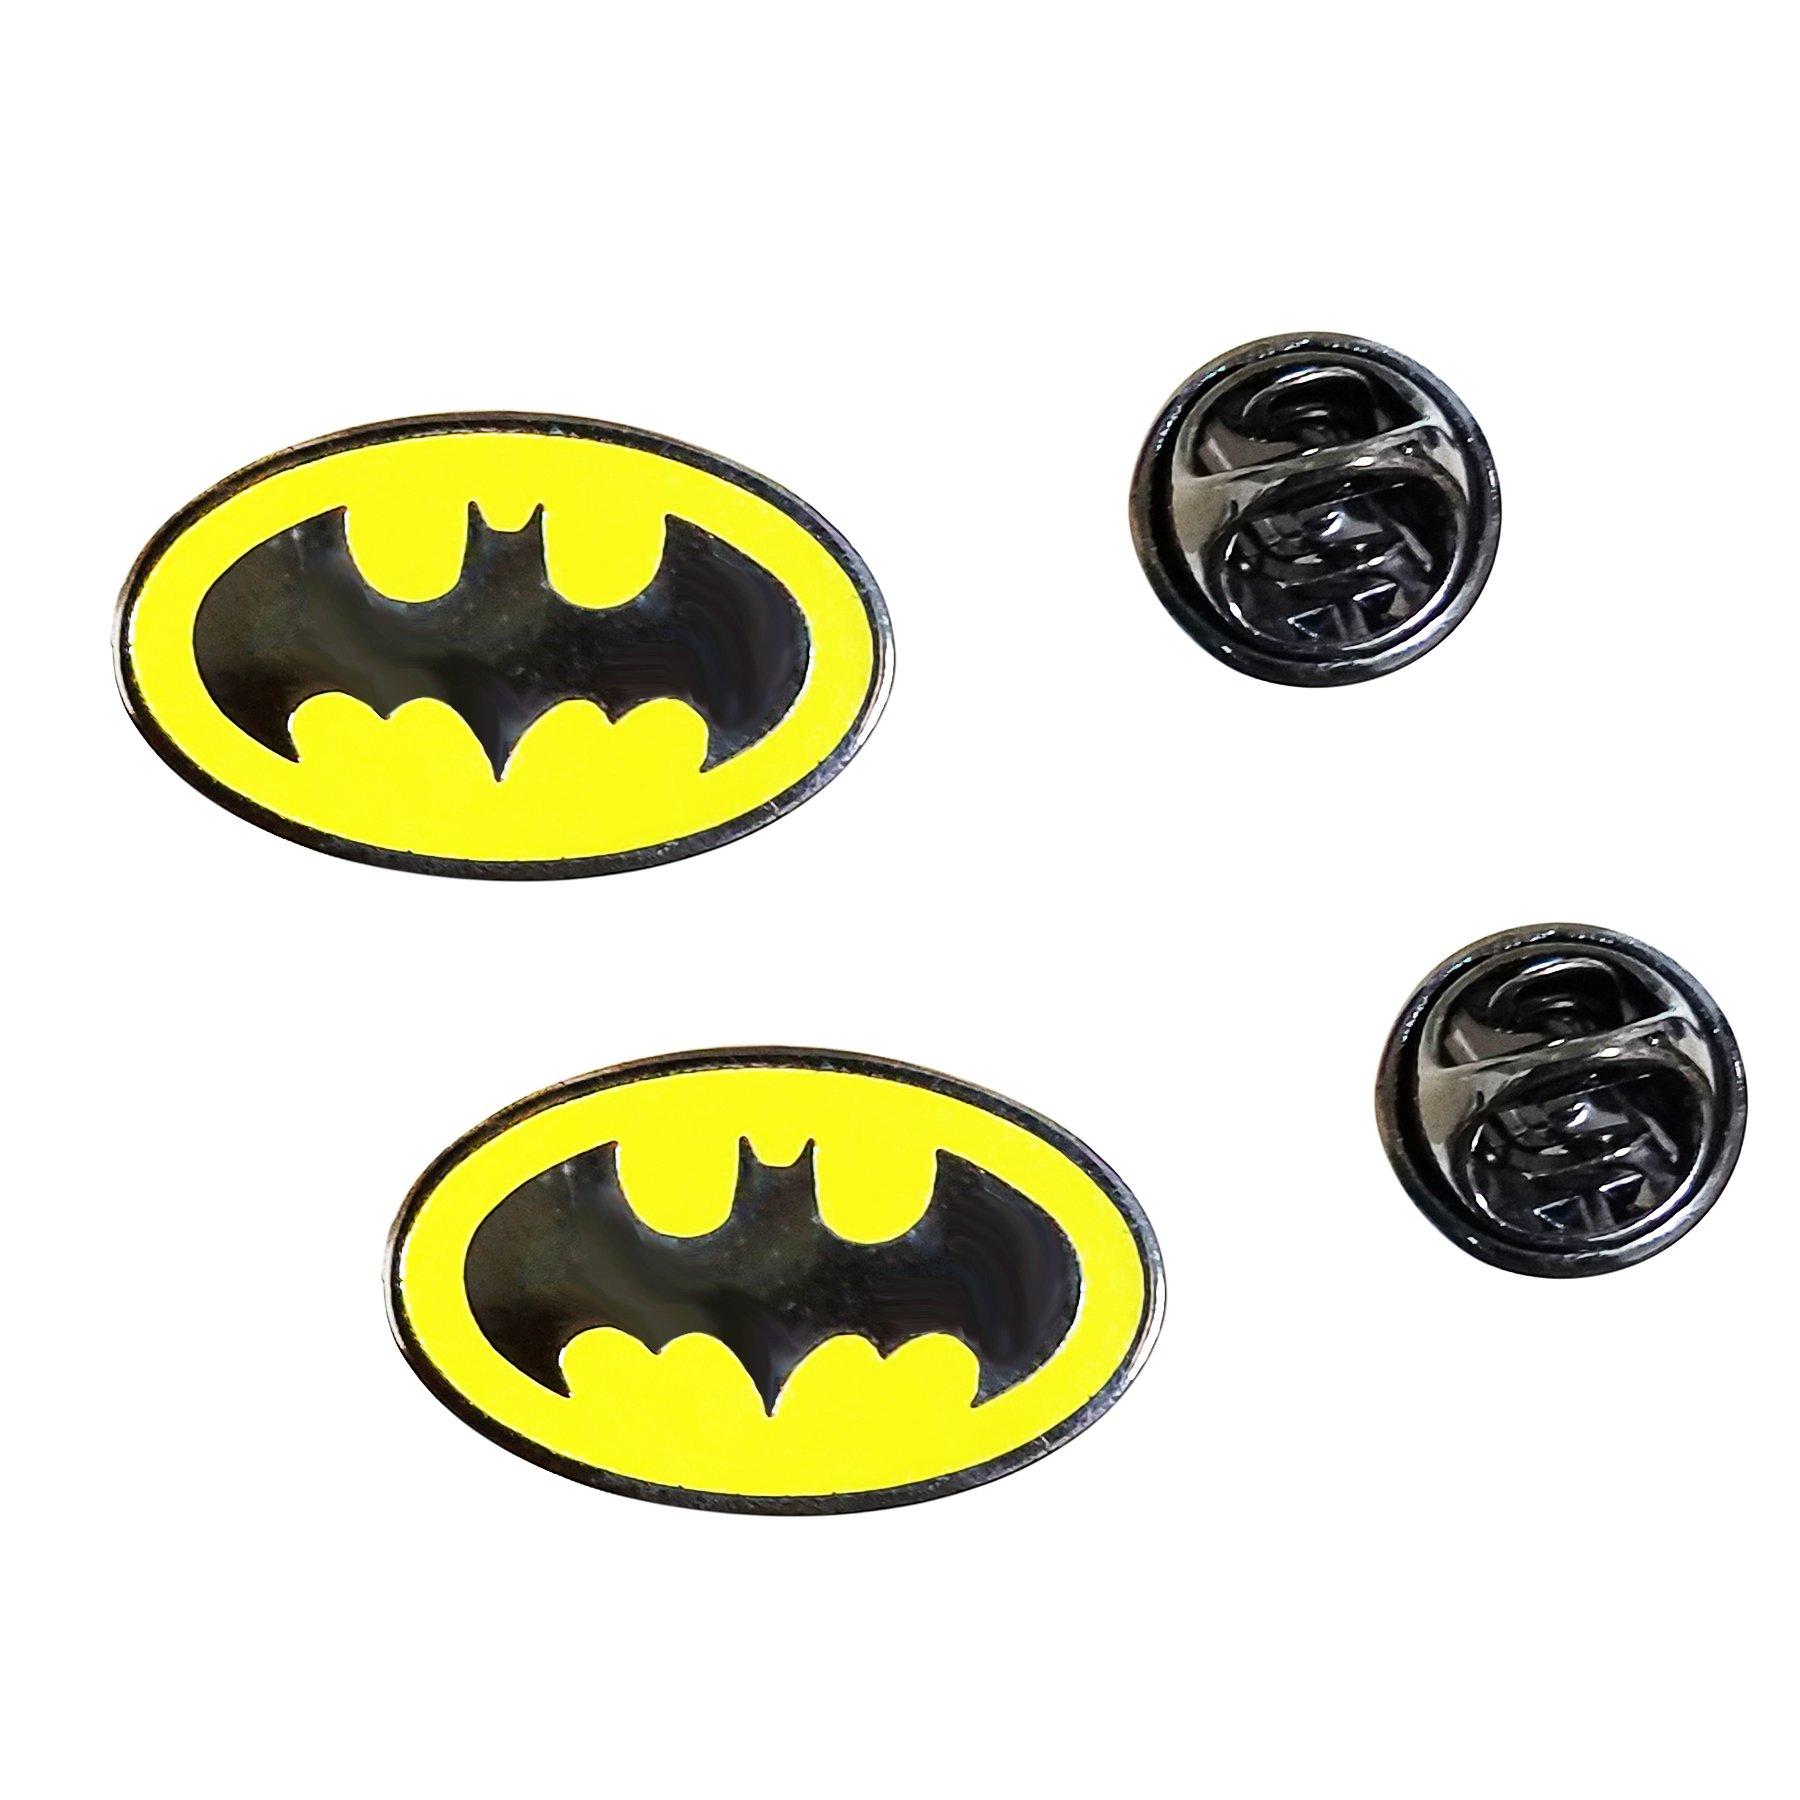 LAXPICOL 2PCS Bat Shape Enamel Pin Yellow Lapel Pin Small Brooch Pin